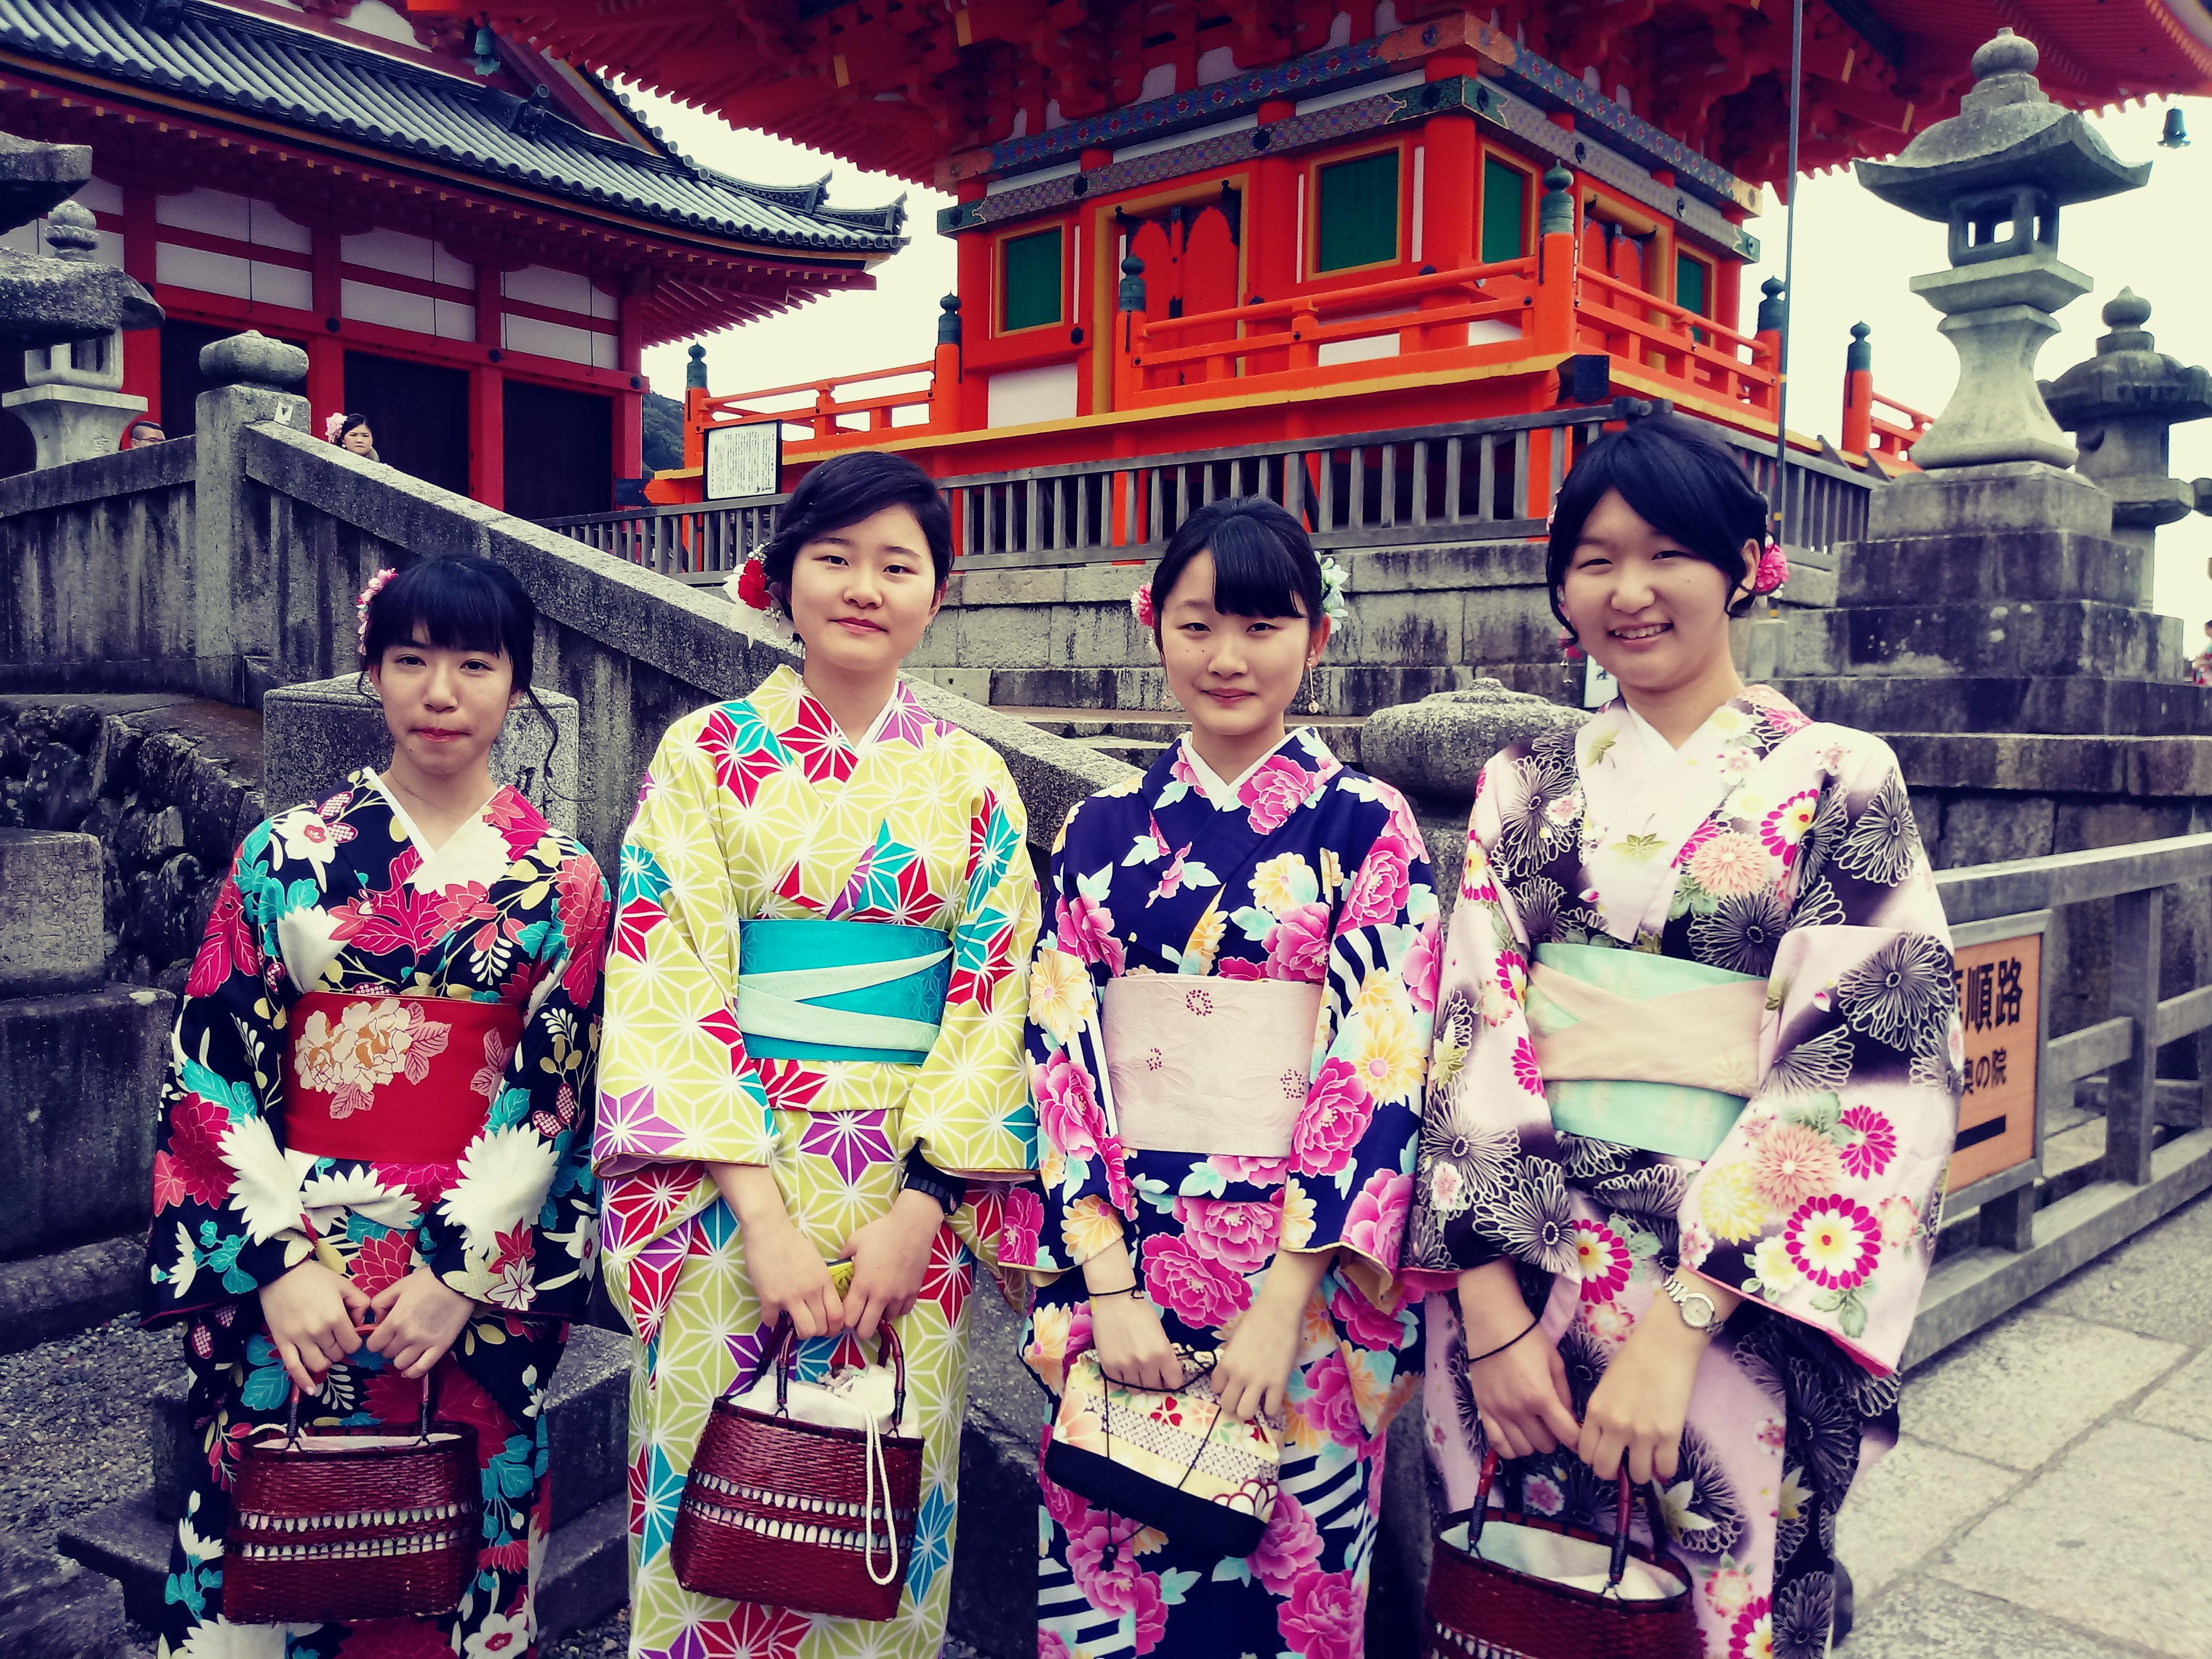 Kiyozimu-dera